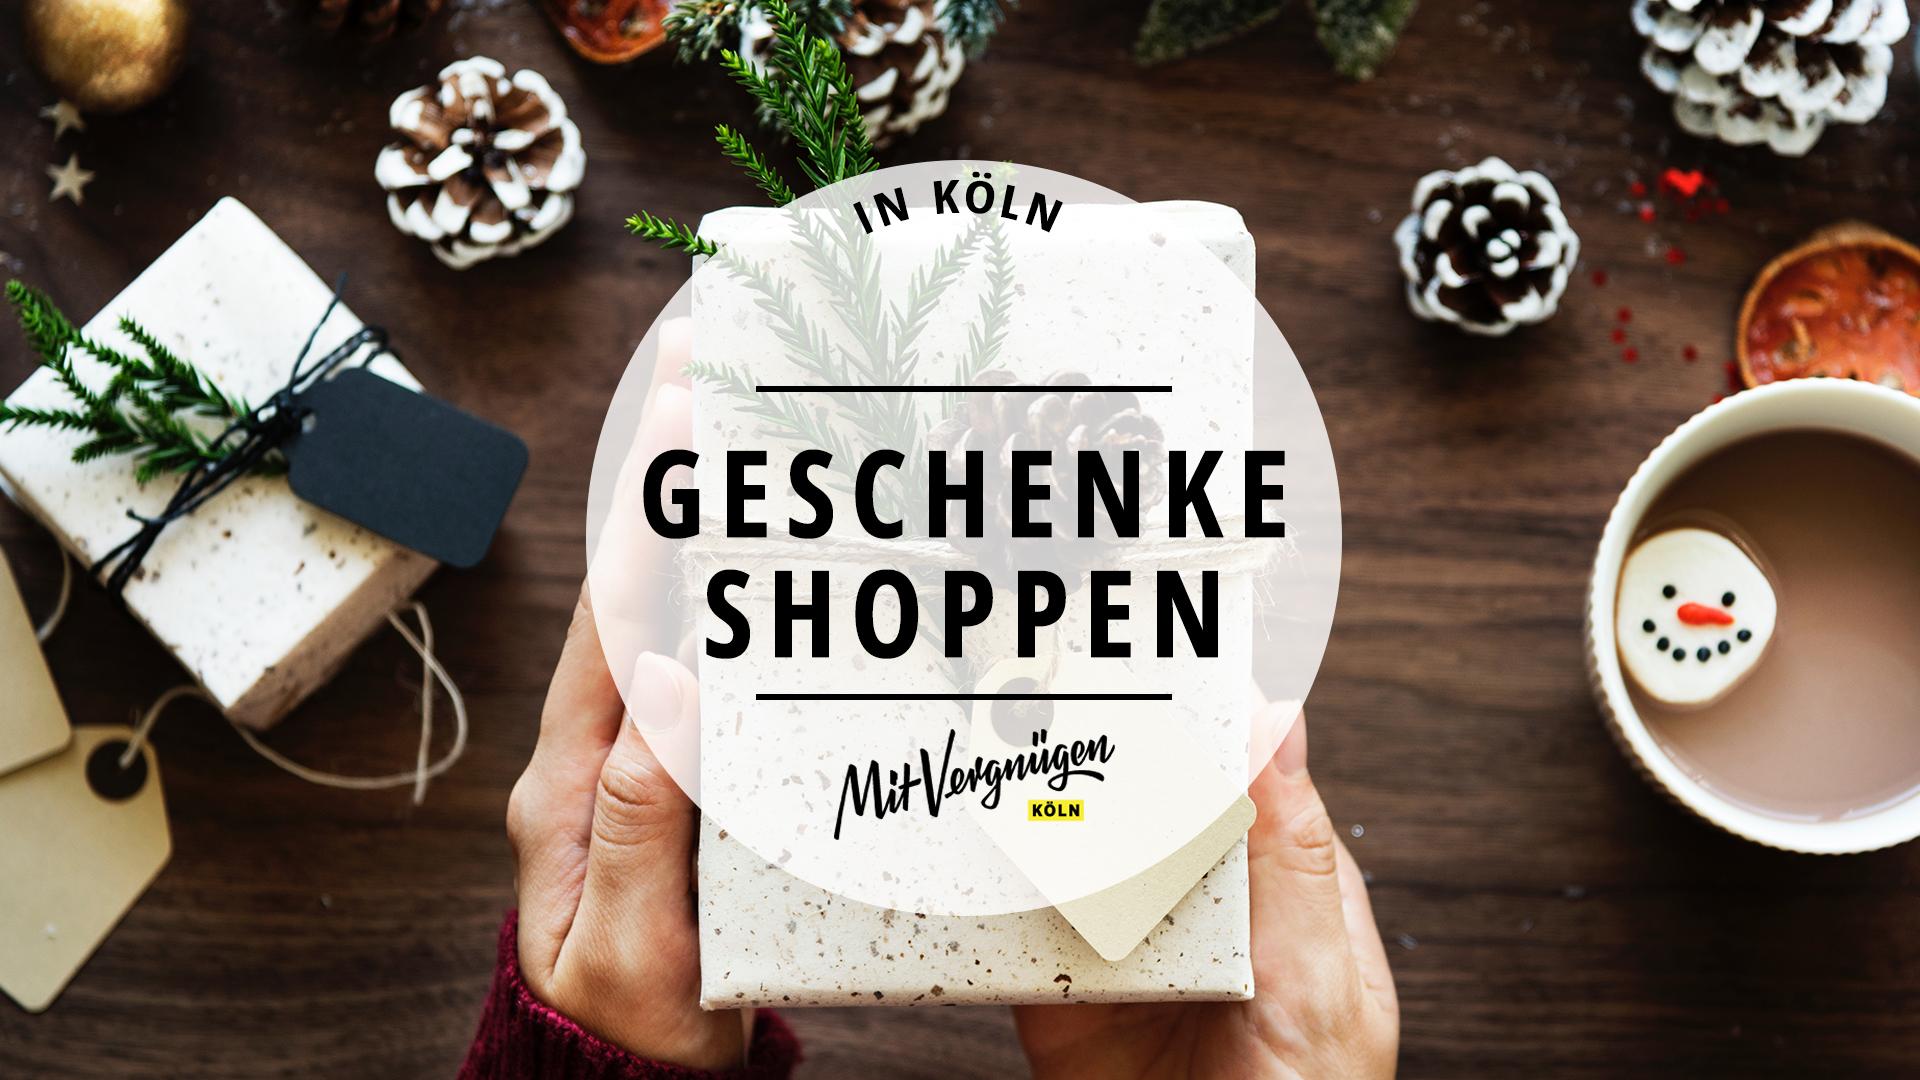 11 Läden in Köln, in denen ihr Weihnachtsgeschenke shoppen könnt ...